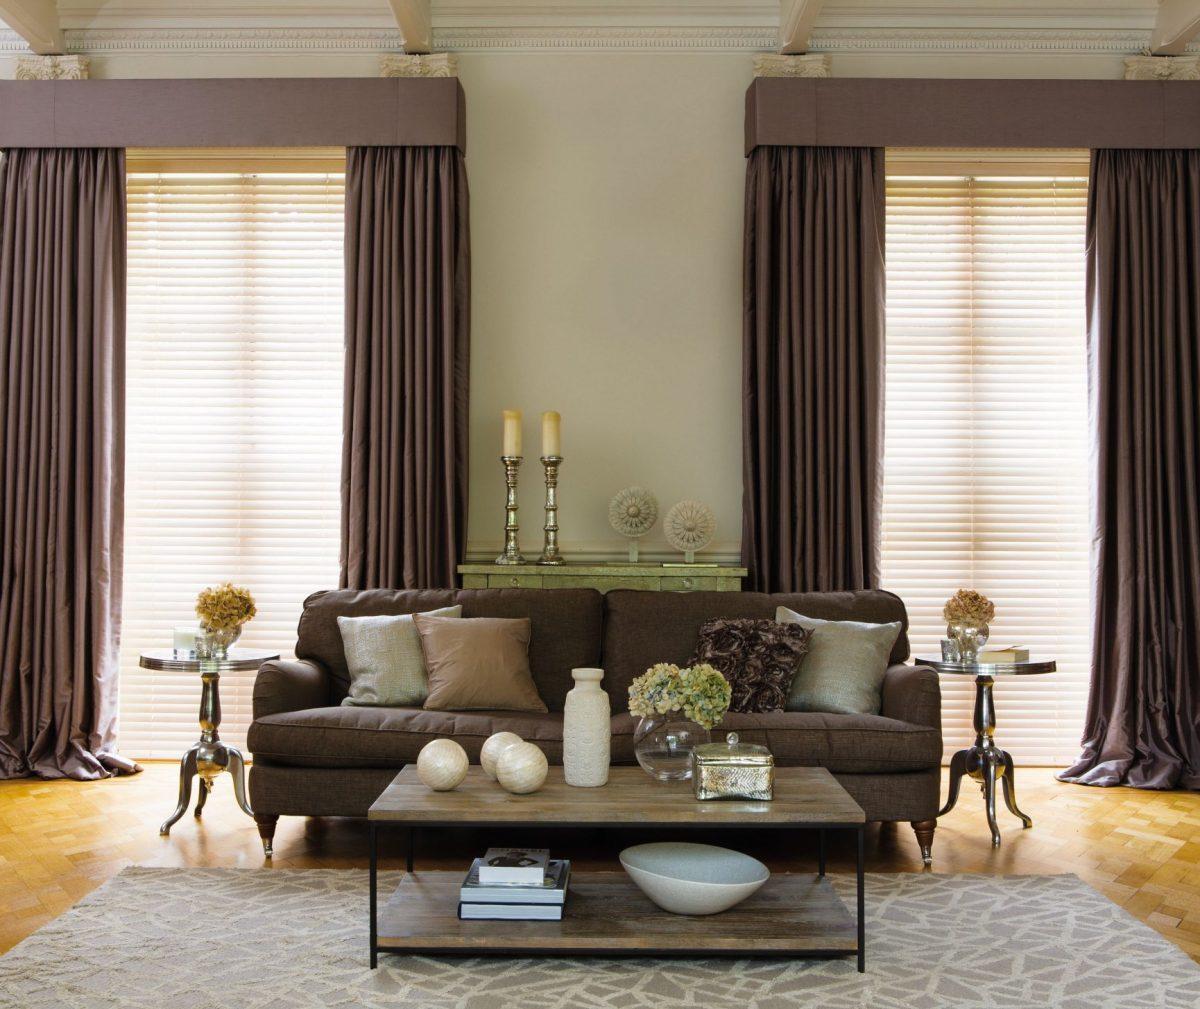 obr.5_english-blinds_wooden-blinds-luxury-light-wood-venetian-blinds-1200x1200.jpg